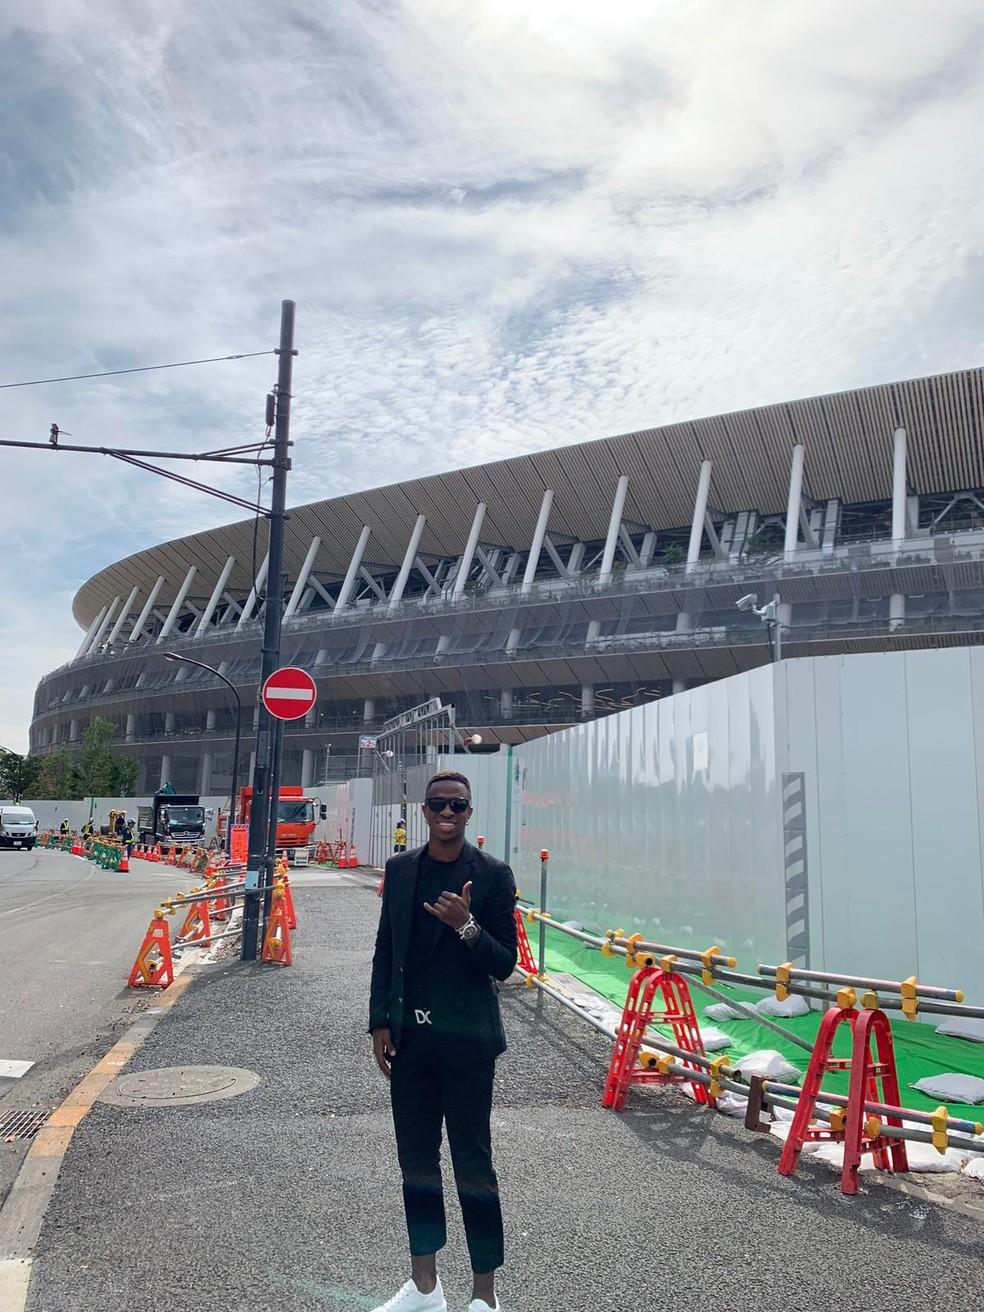 Vinicius visitou estádio olímpico de Tóquio em obras: sonho olímpico na cabeça — Foto: Arquivo pessoal